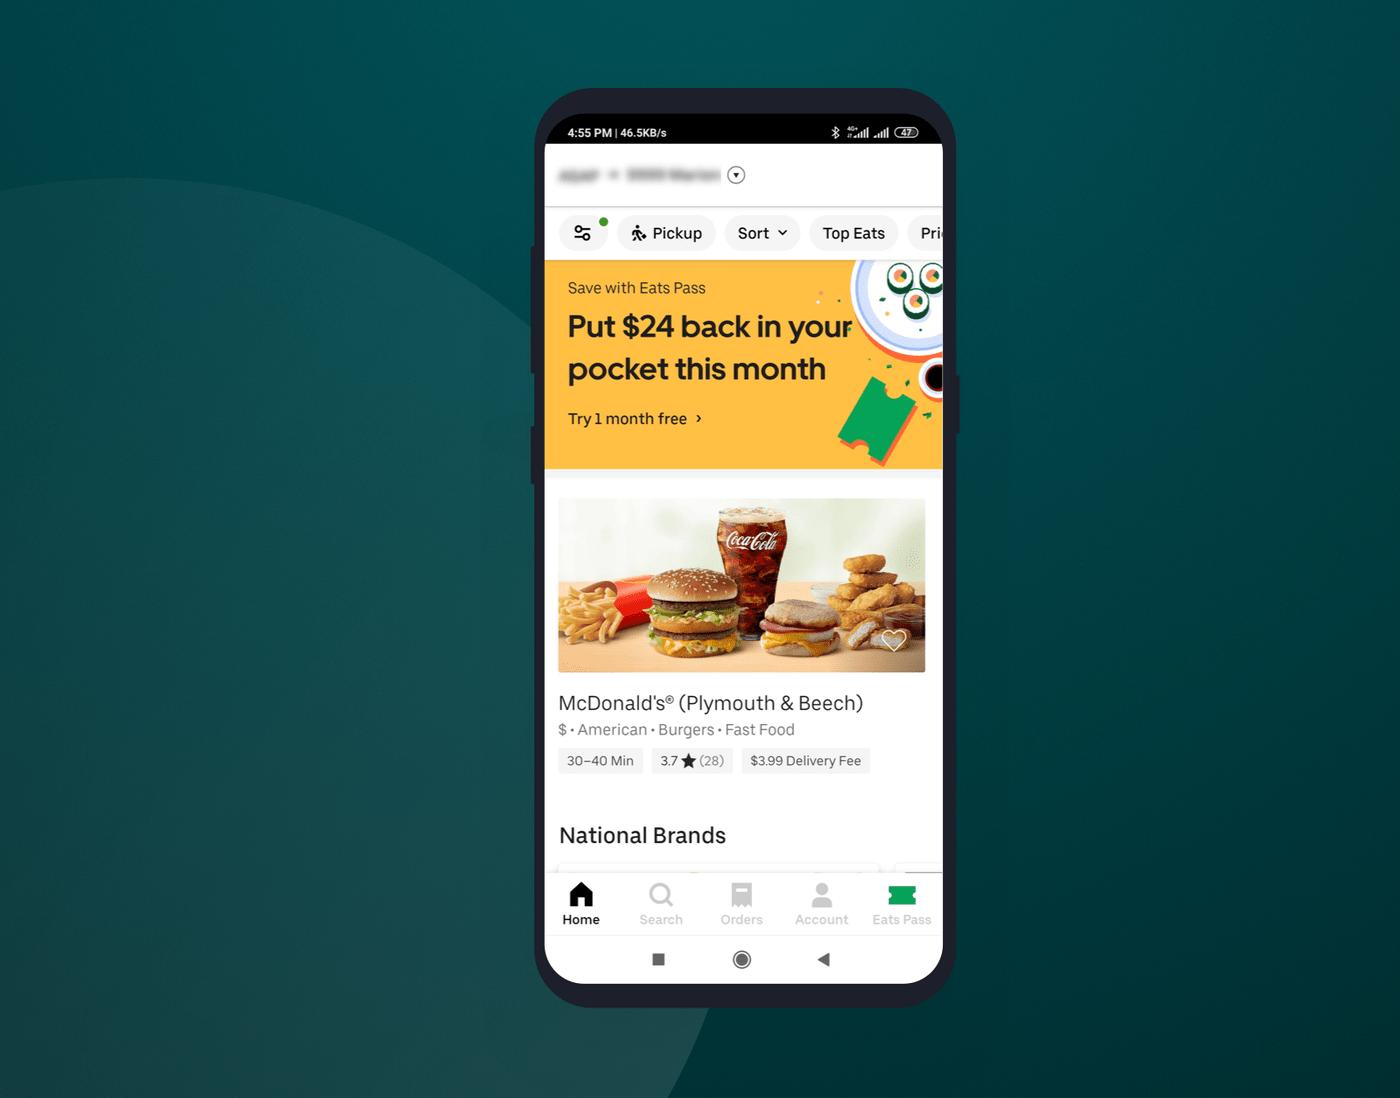 Homescreen of Uber Eats